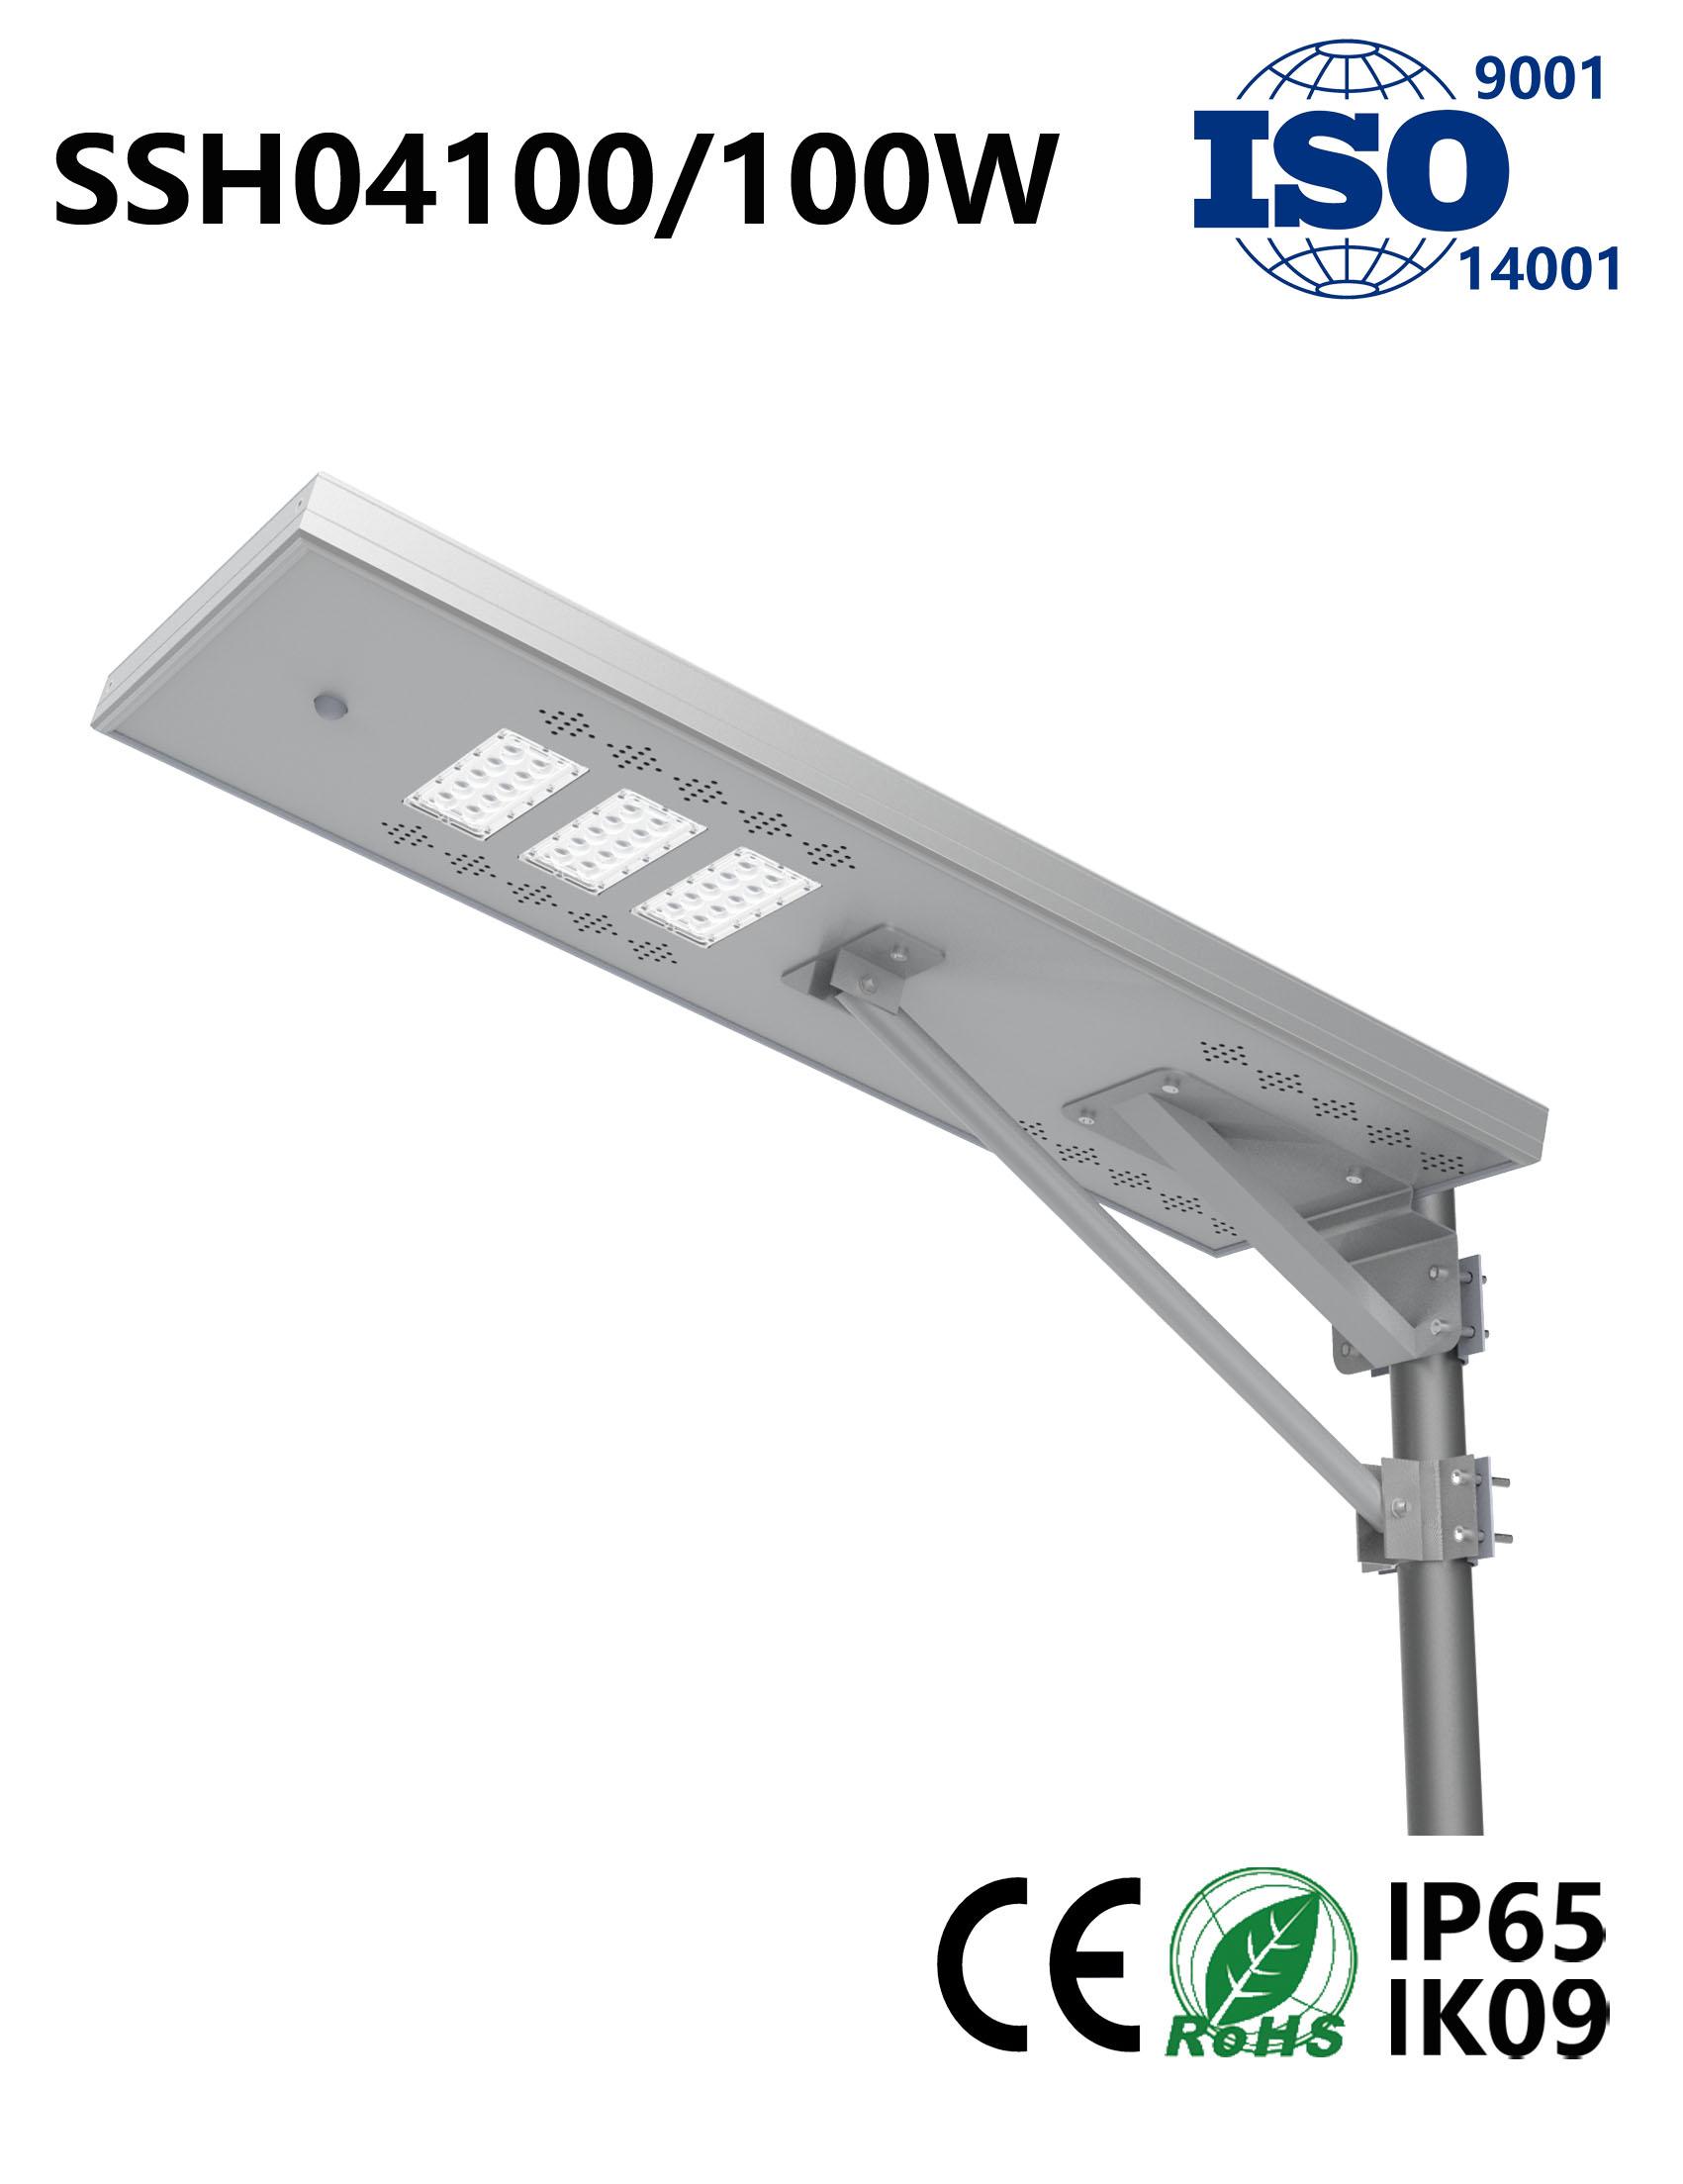 SSH04100 100W Solar LED Street Light